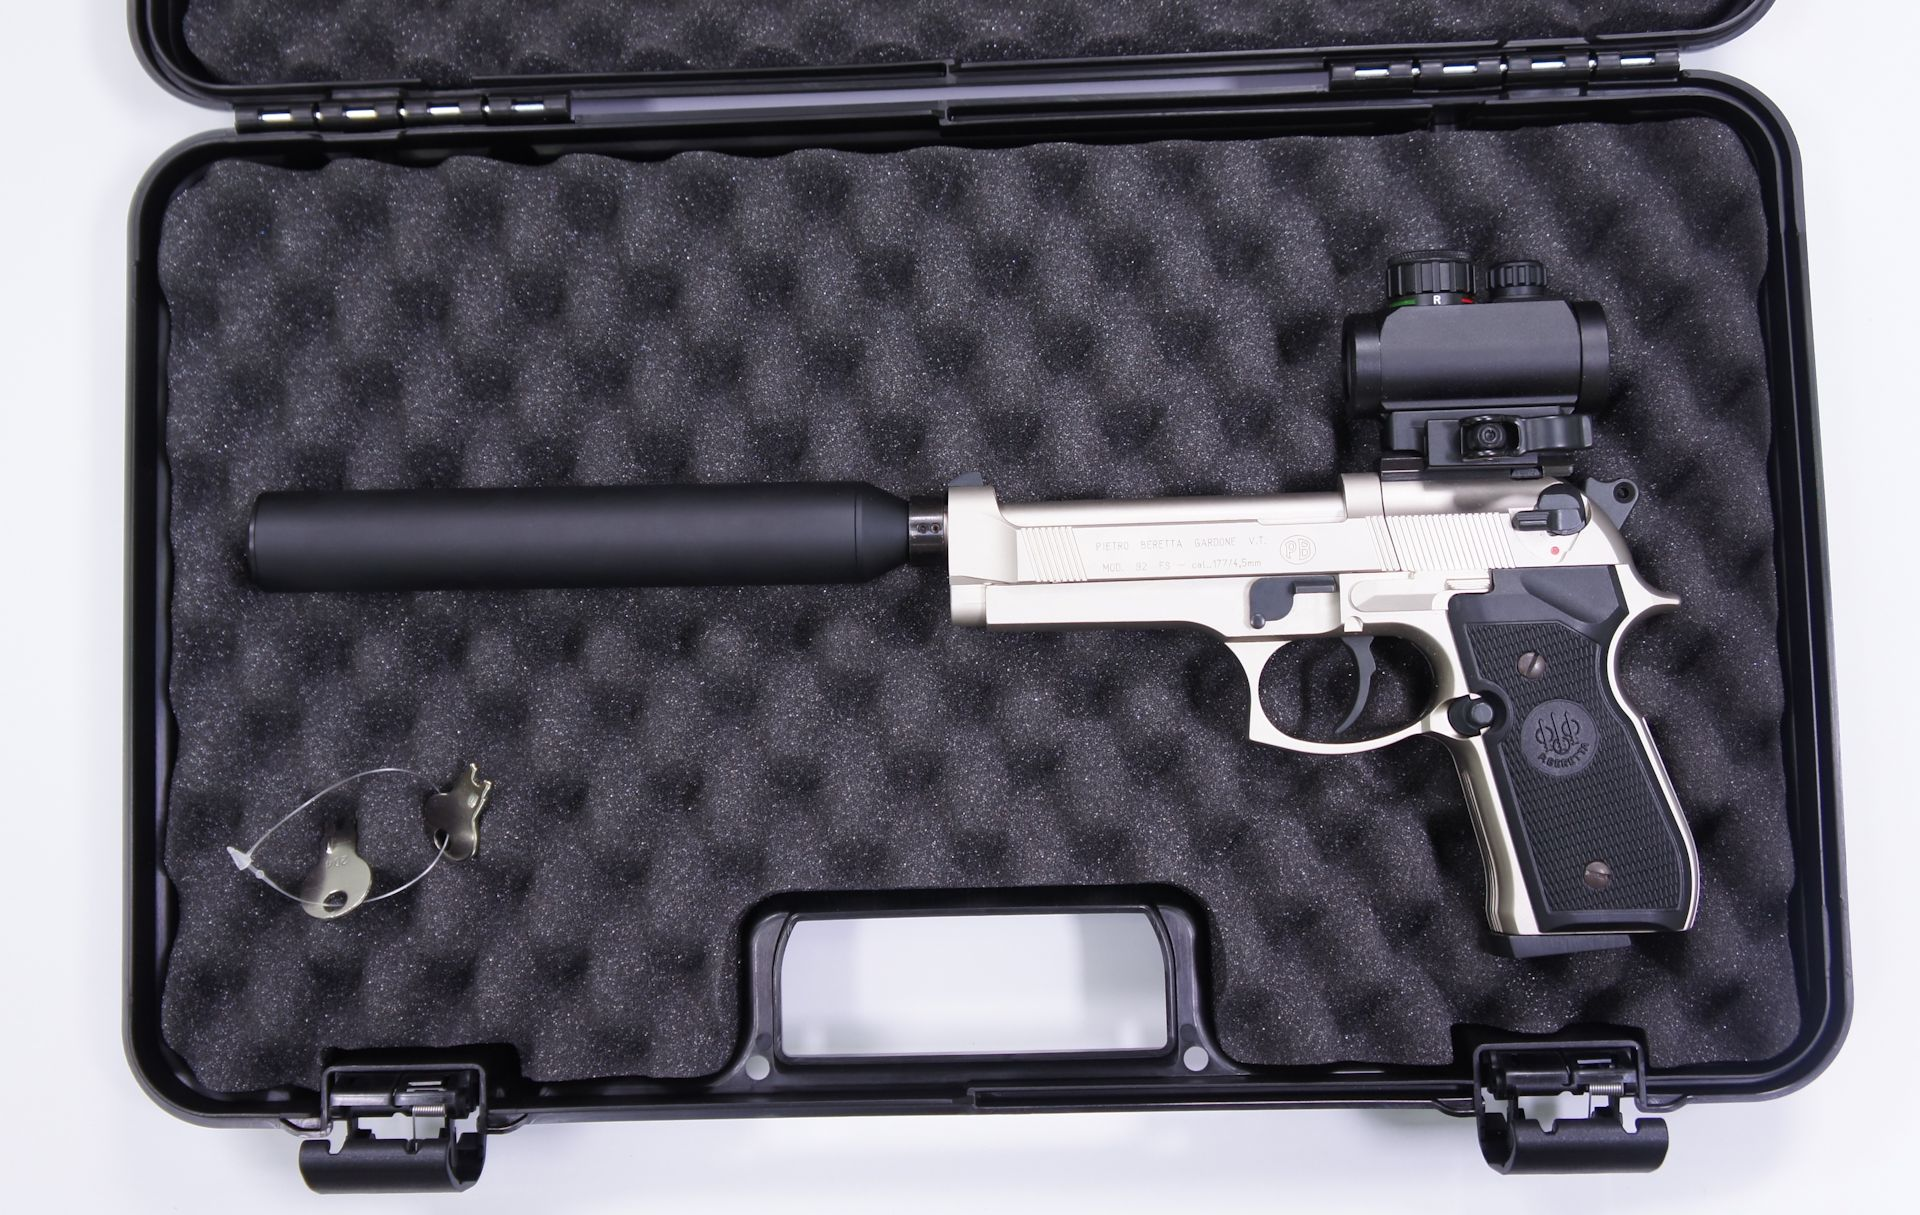 Anwendungsbeispiel: Als Zubehör kann ich diesen Koffer empfehlen. Das passt die Pistole mit aufgesetztem Dämpfer hinein.